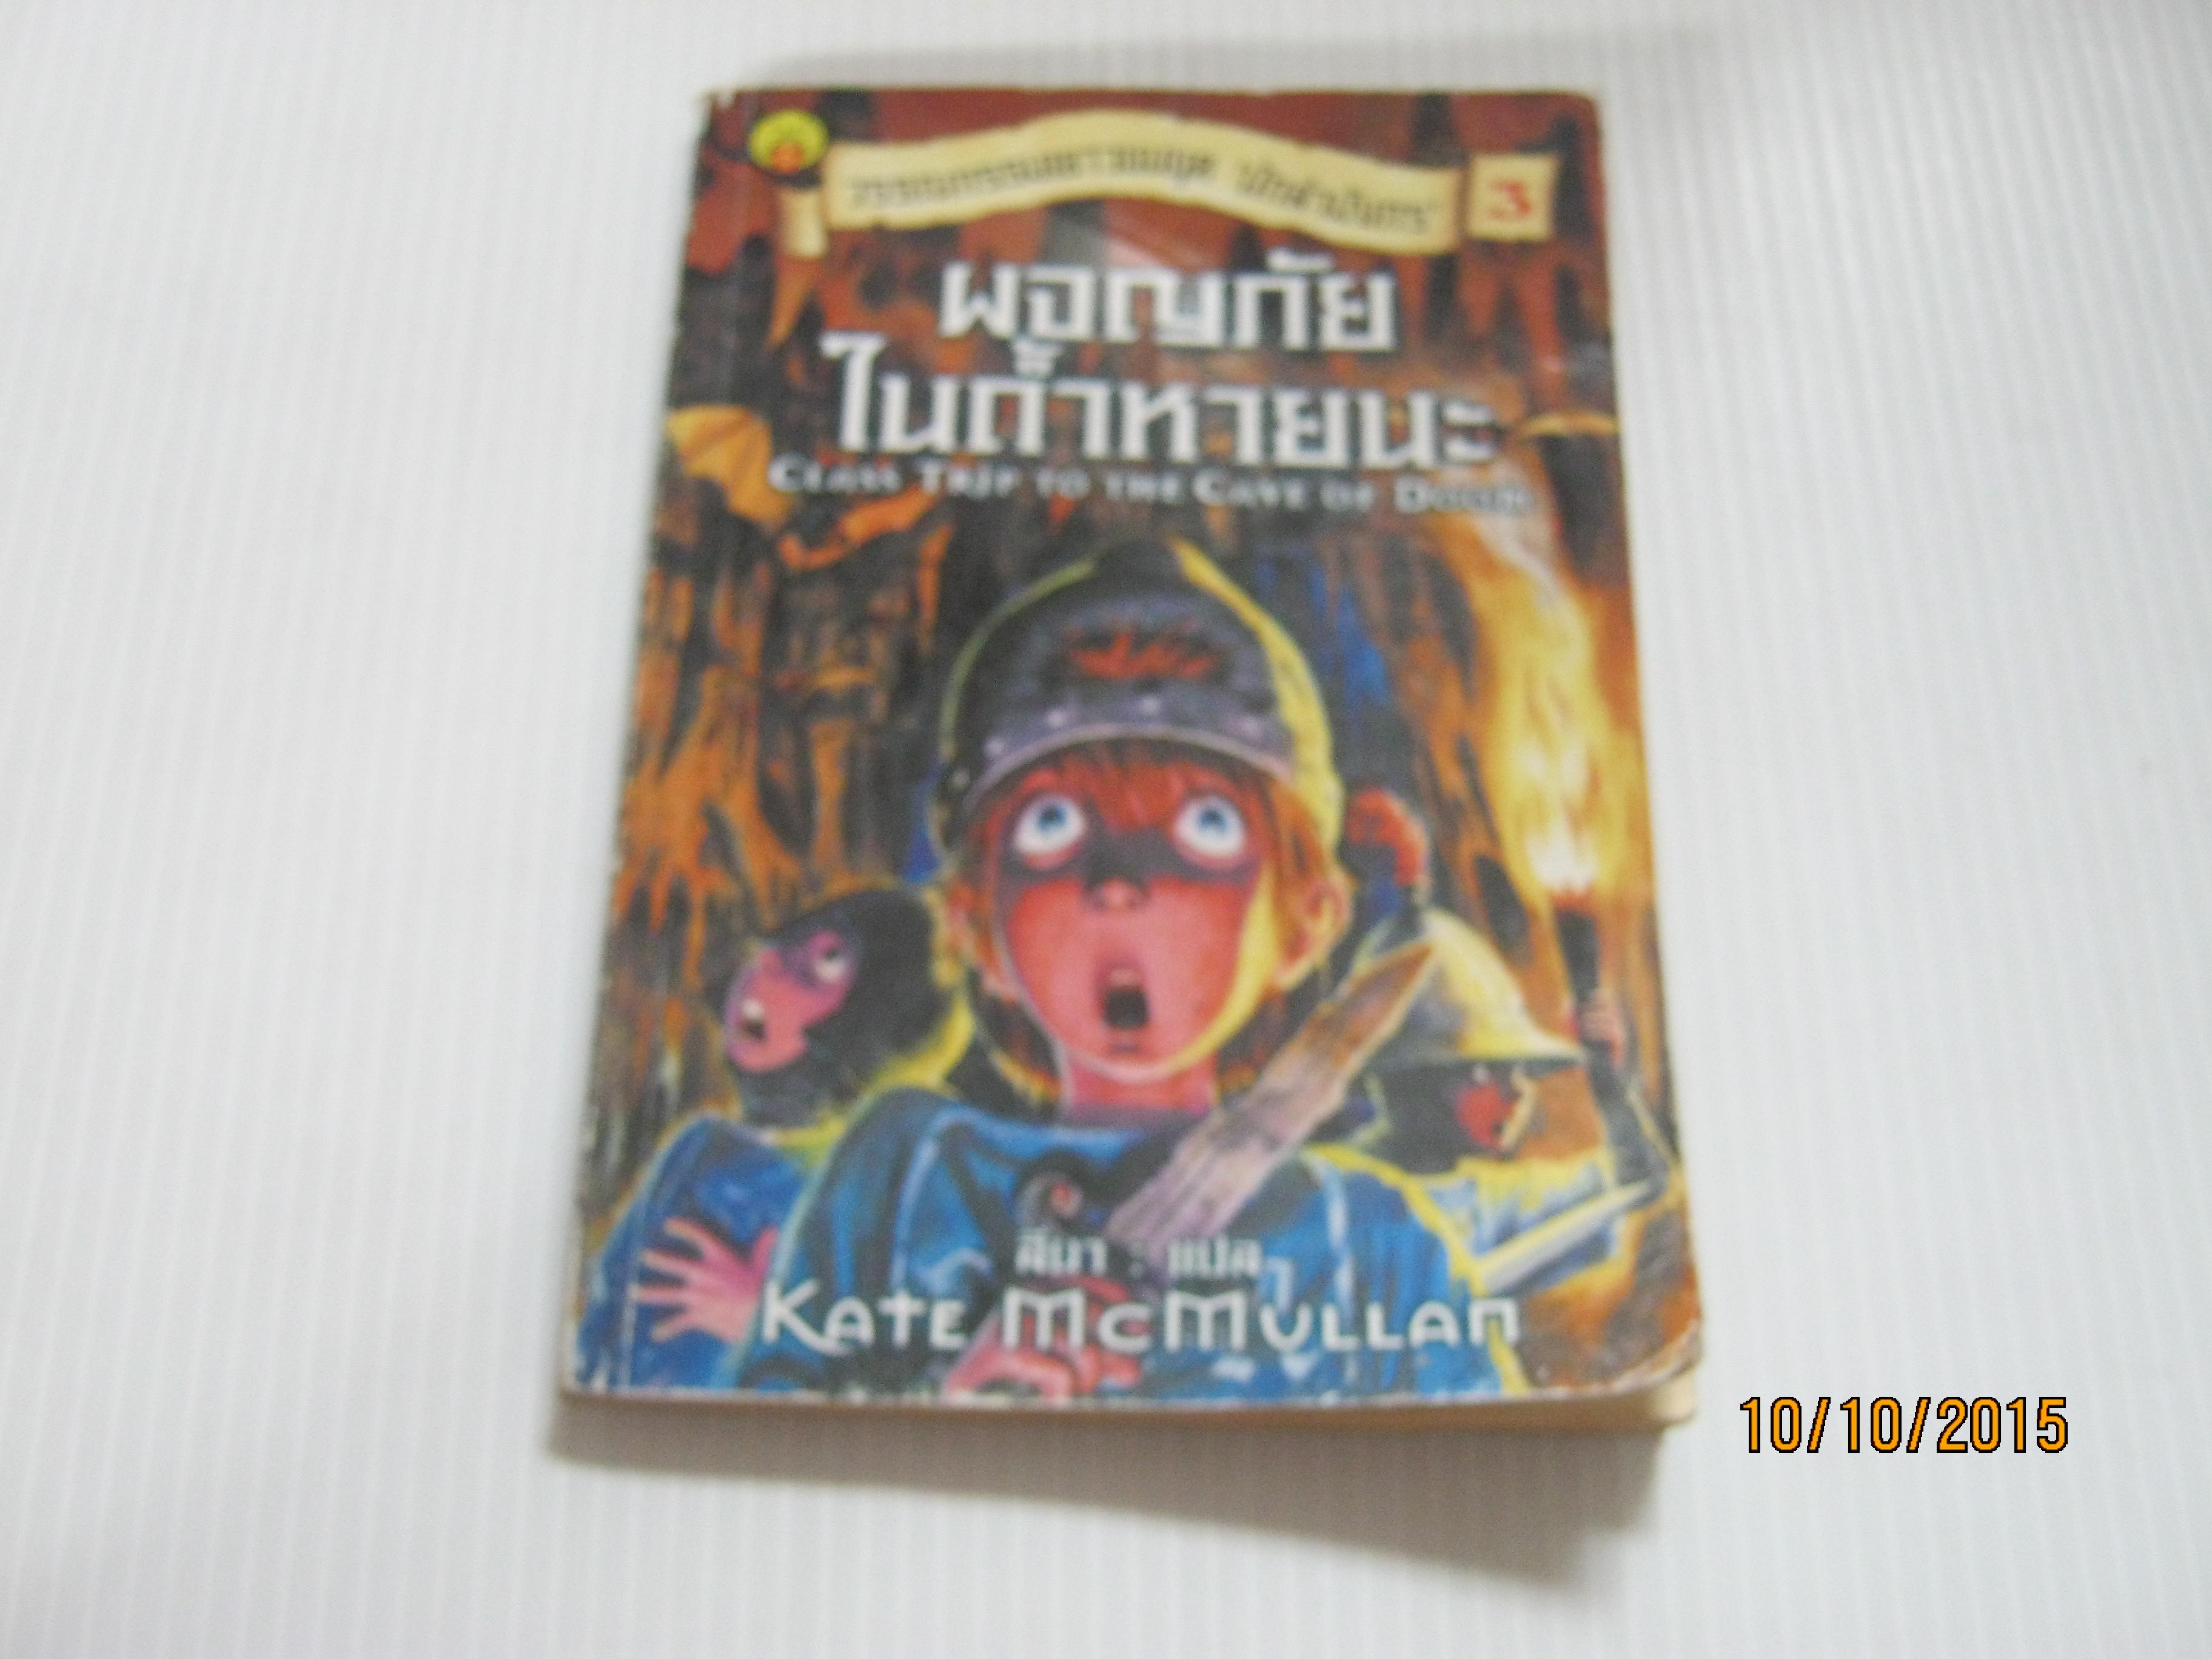 """วรรณกรรมเยาวชนชุด """"นักล่ามังกร"""" 3 ผจญภัยในถ้ำหายนะ (Class Trip To The Cave of Doom) Kate McMullan เขียน ลีนา แปล"""